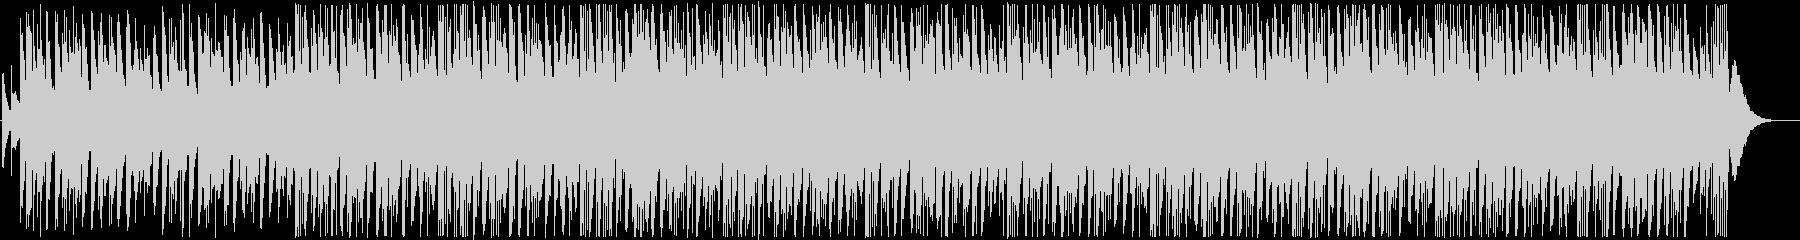 クールな生ピアノとシンセメロ VPやCMの未再生の波形